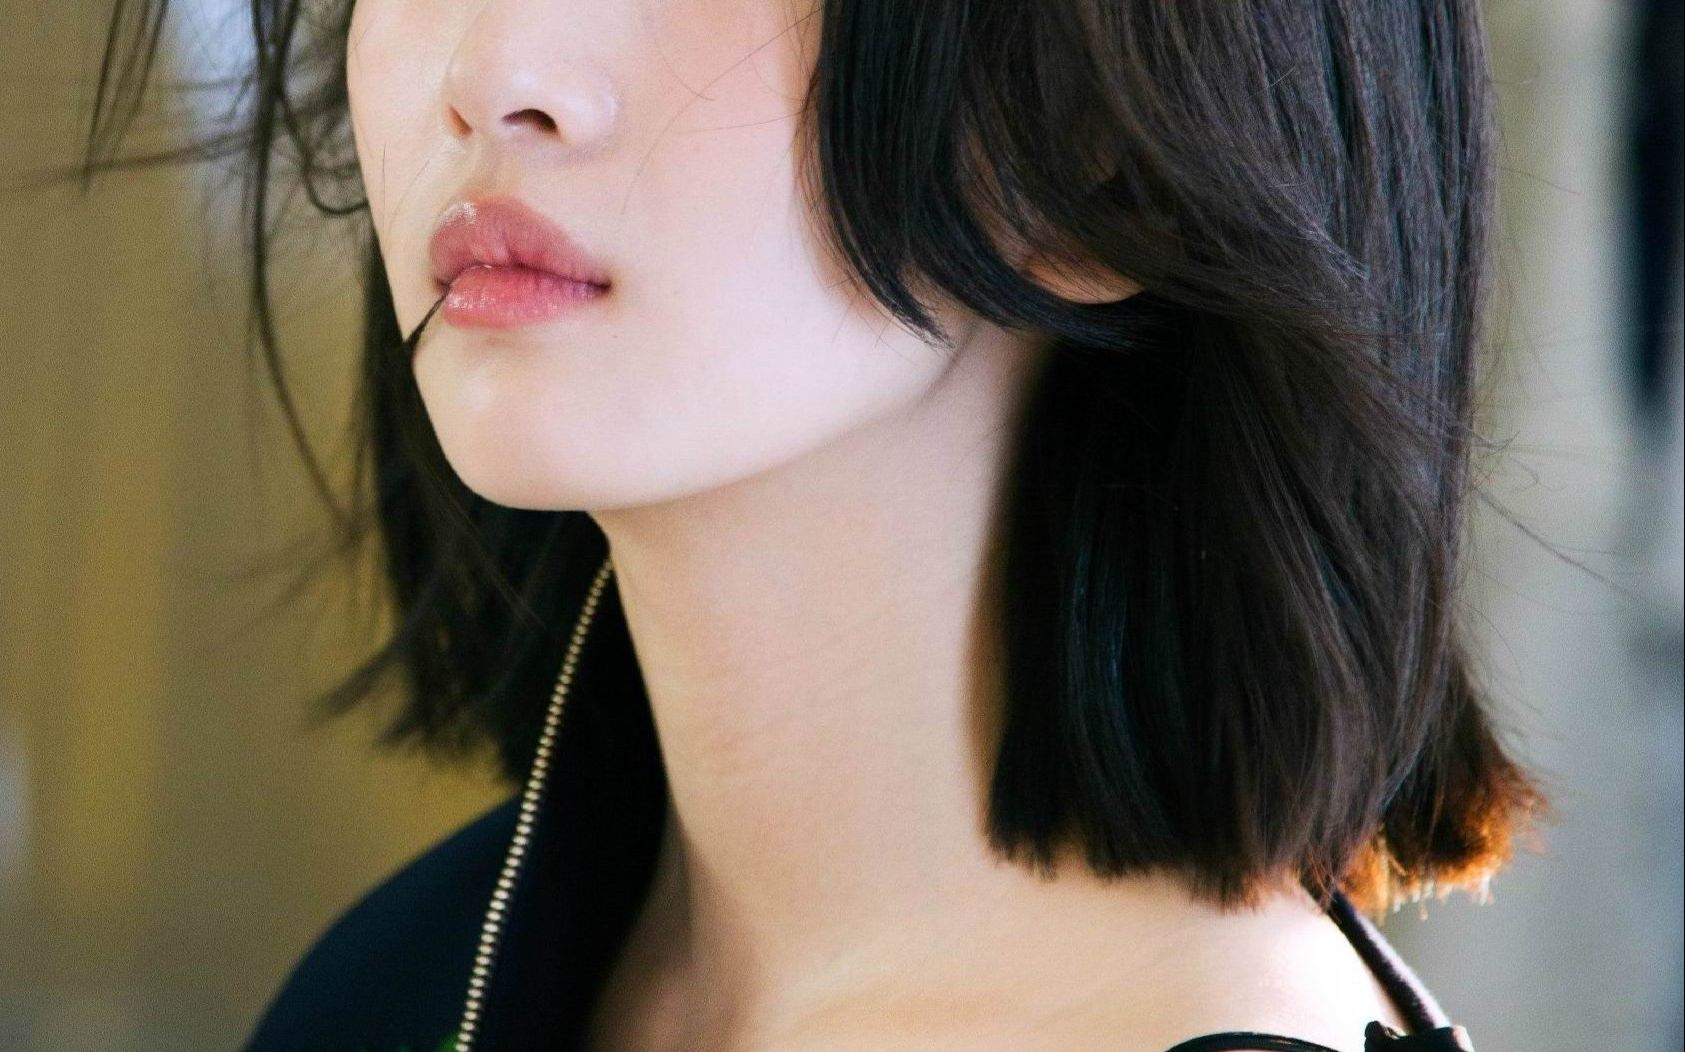 【混剪/周冬雨 x 小半】灯火阑珊 春风十里 不如你图片